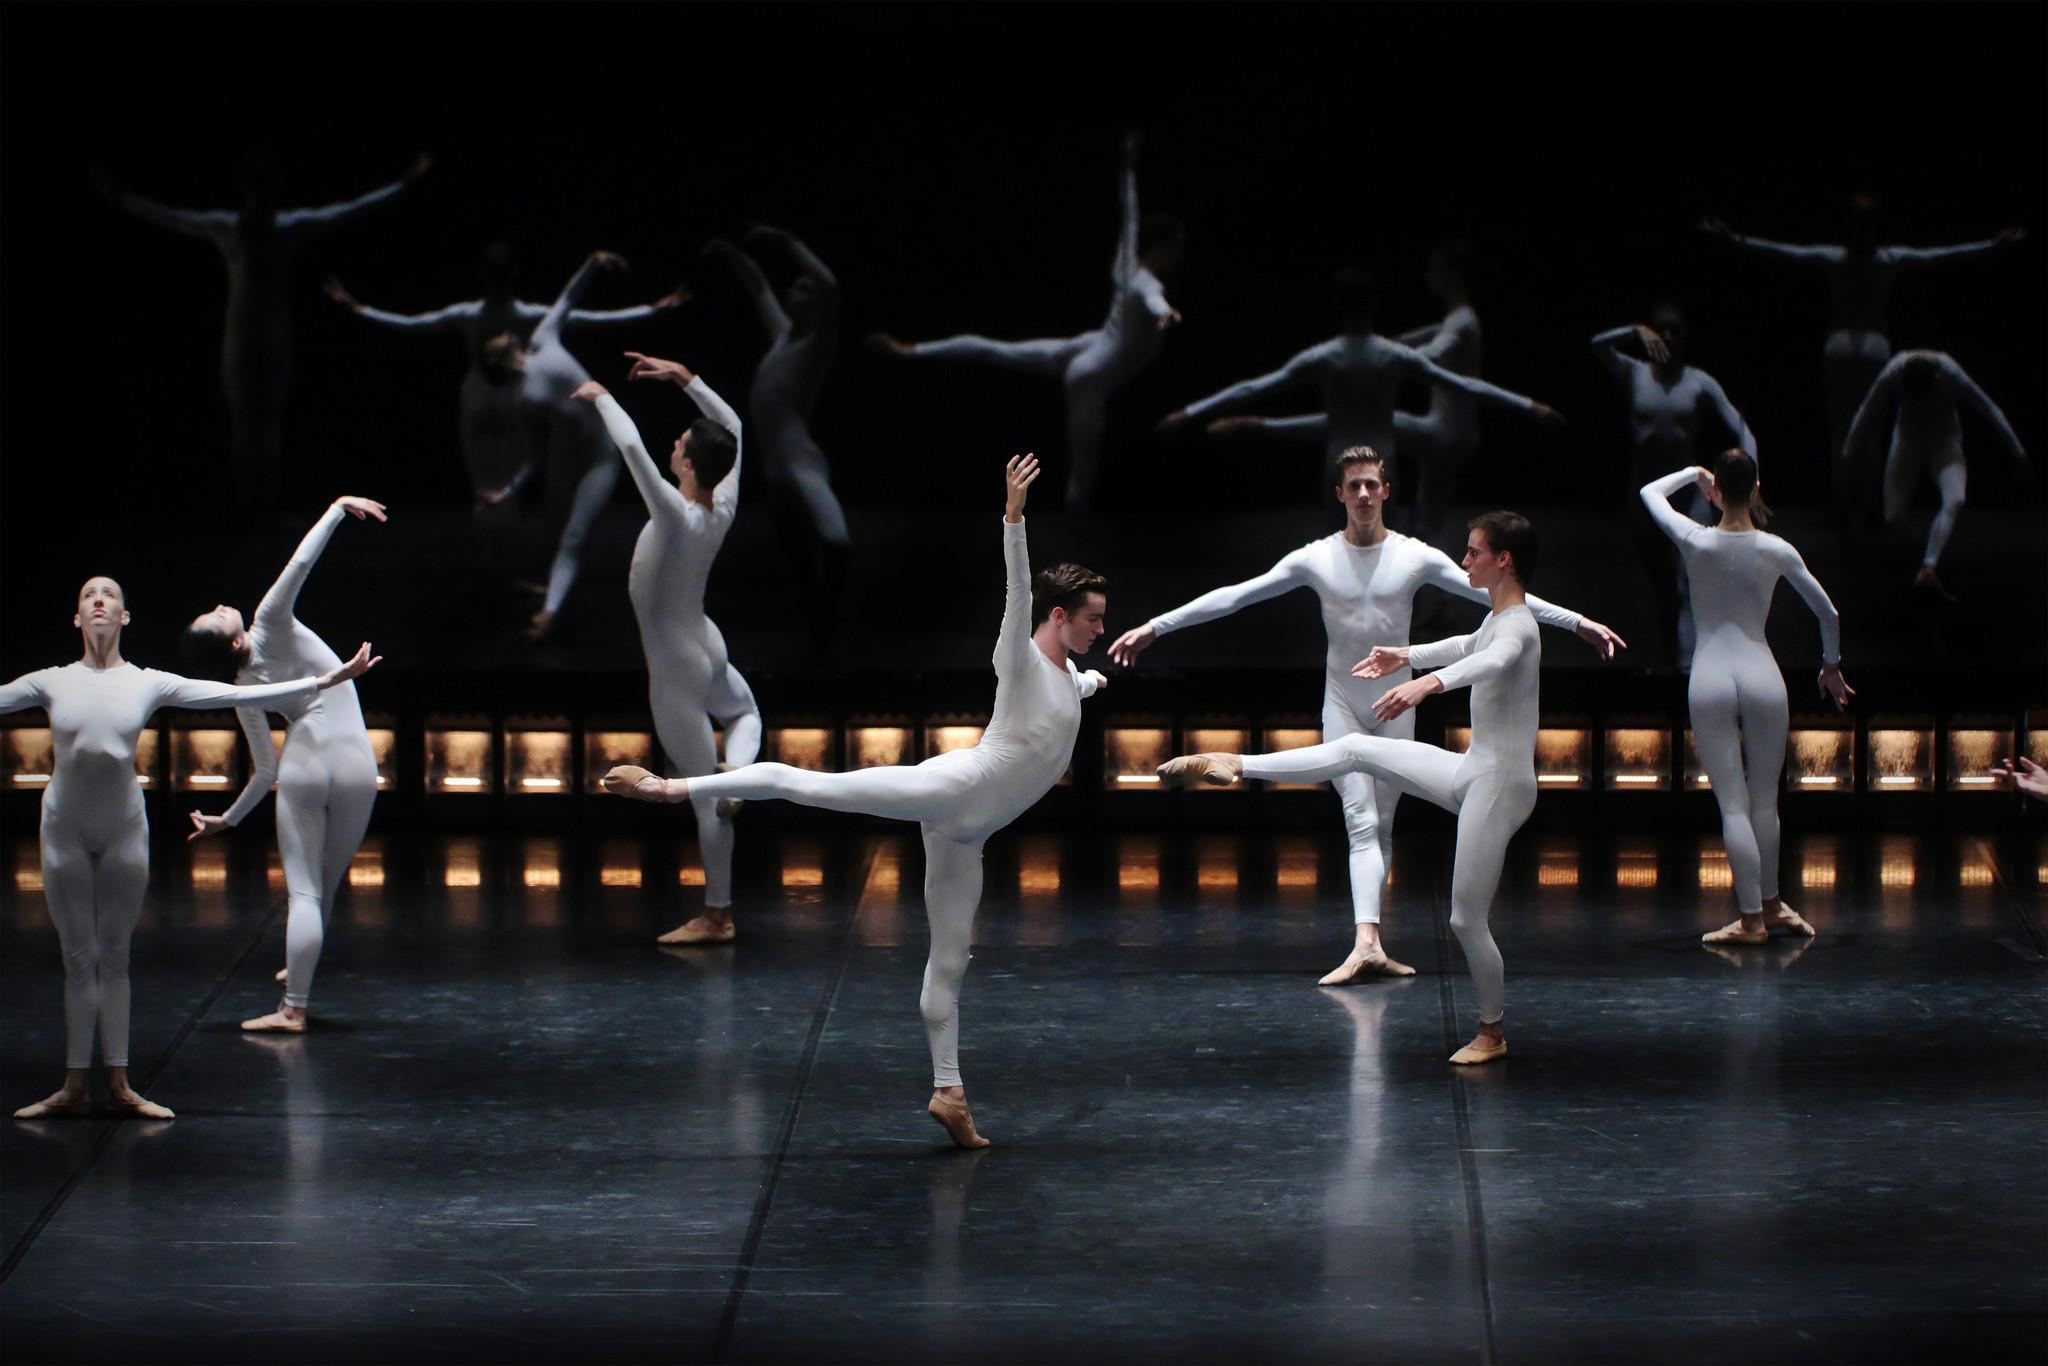 051_quinze bailarinos e tempo incerto_-®brunosimao_.jpg